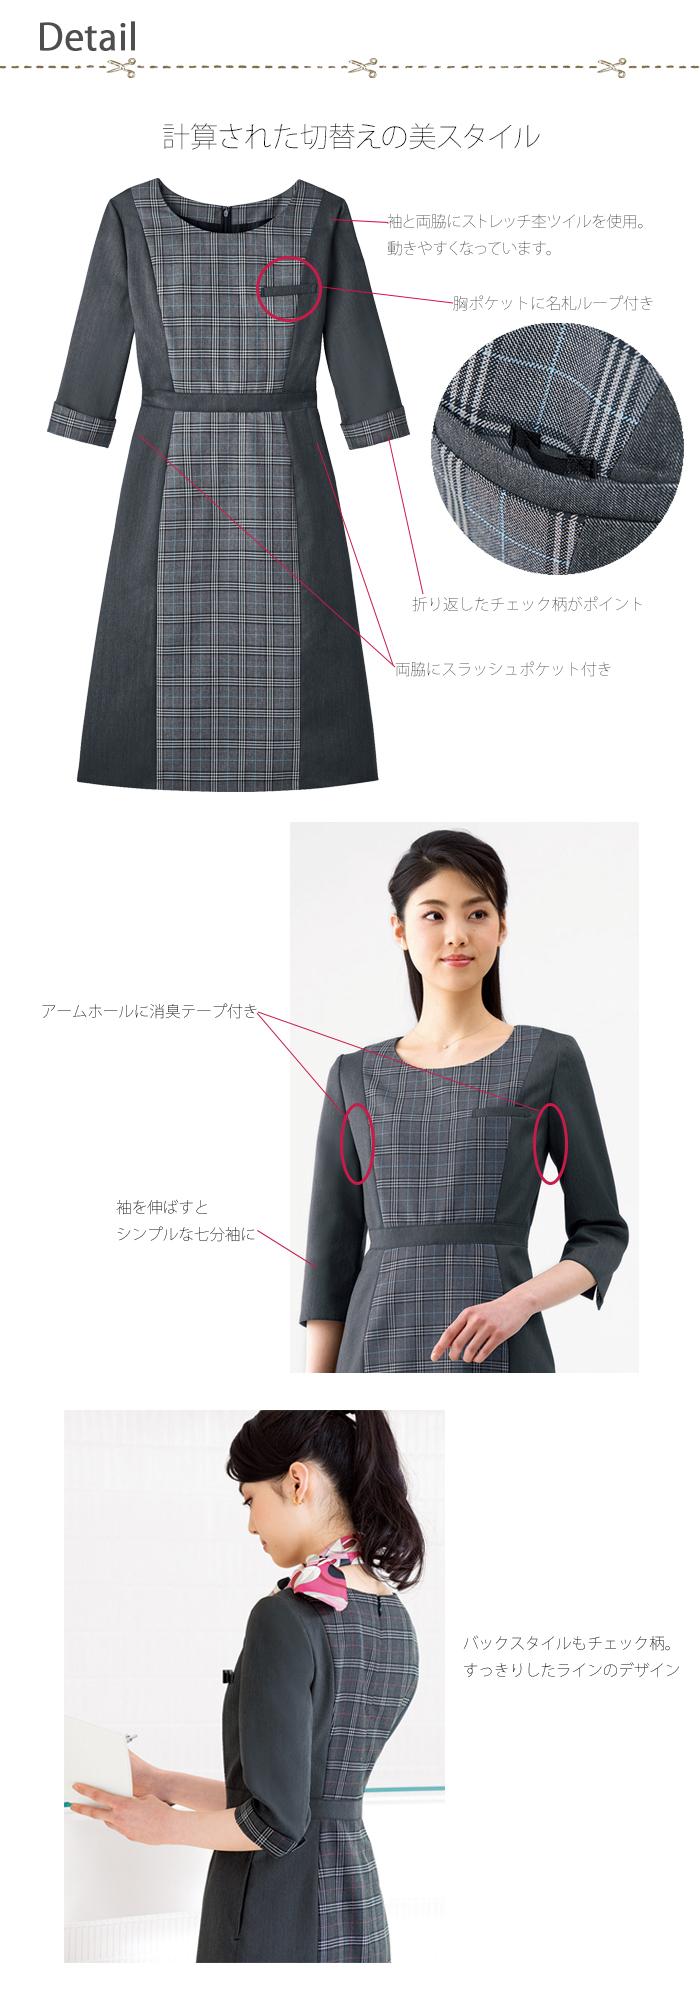 7722チェック柄ストレッチワンピース 美スタイル制服 商品詳細画像